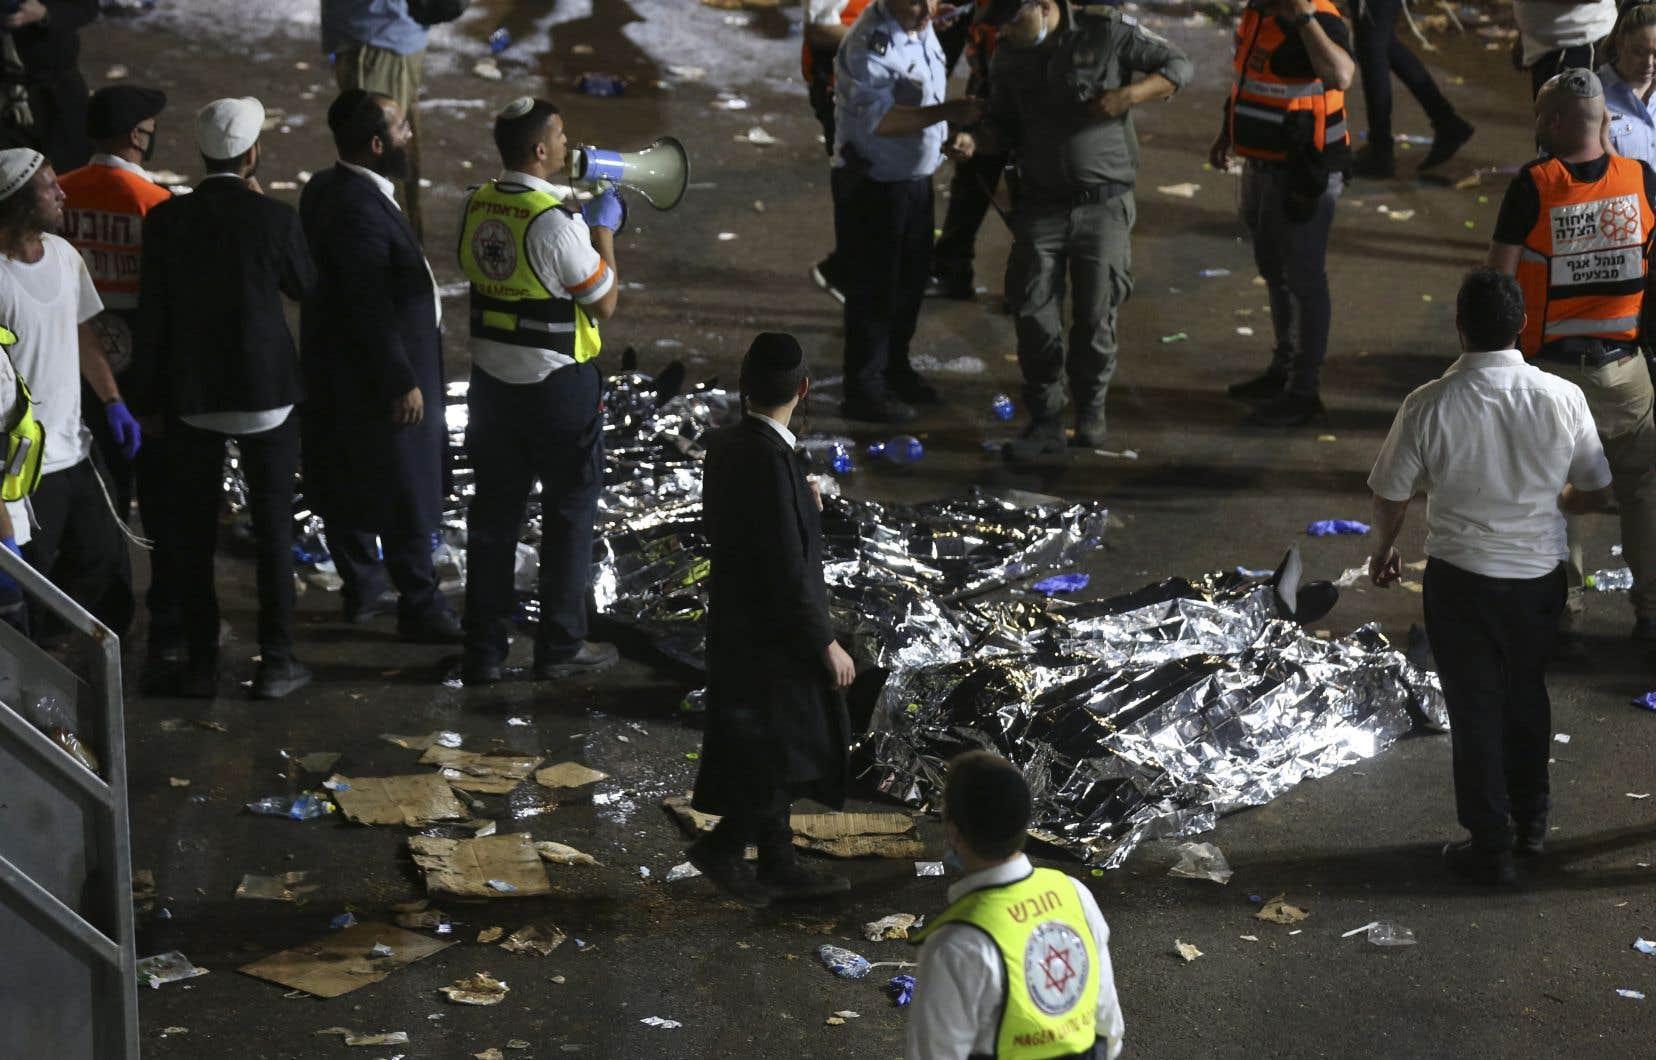 La Magen David Adom—équivalent israélien de la Croix-Rouge—avait plus tôt évoqué au moins 20 blessés dans un état critique, avant de revoir ce bilan à la hausse à des «dizaines de morts» et des dizaines de blessés graves.